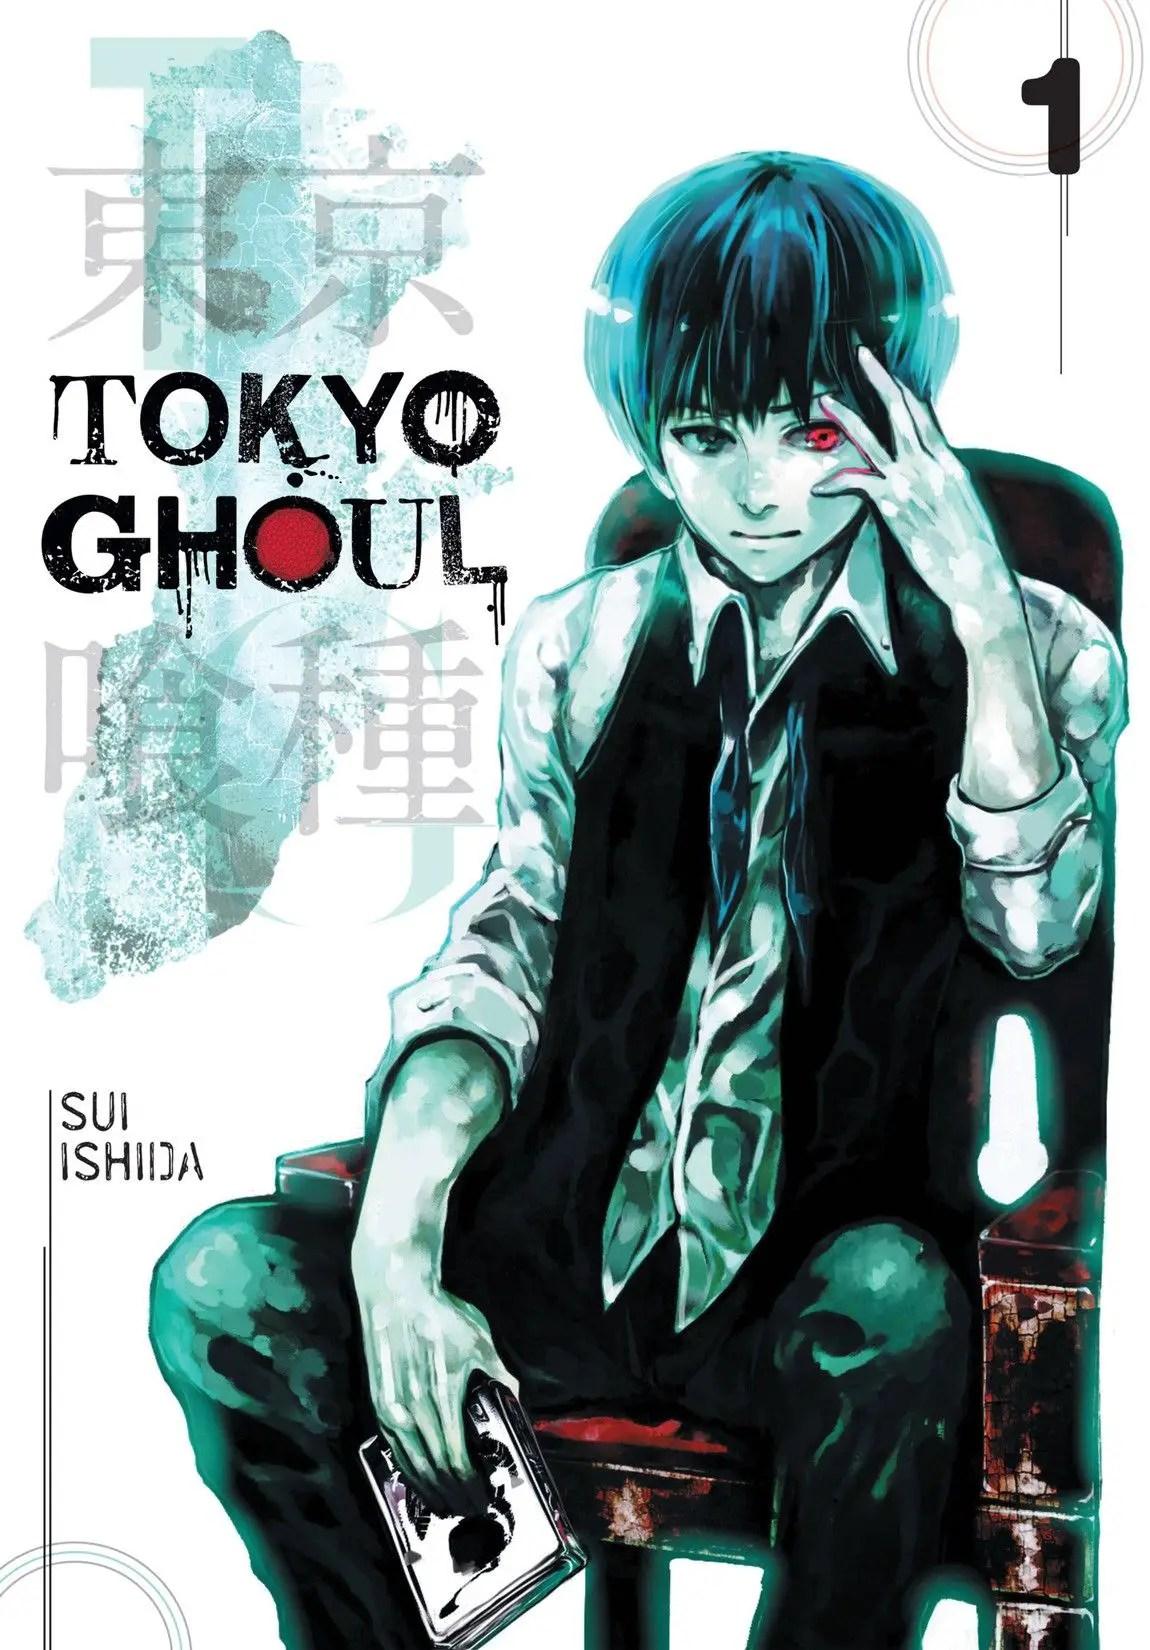 Tokyo Ghoul Vol. 1 Review